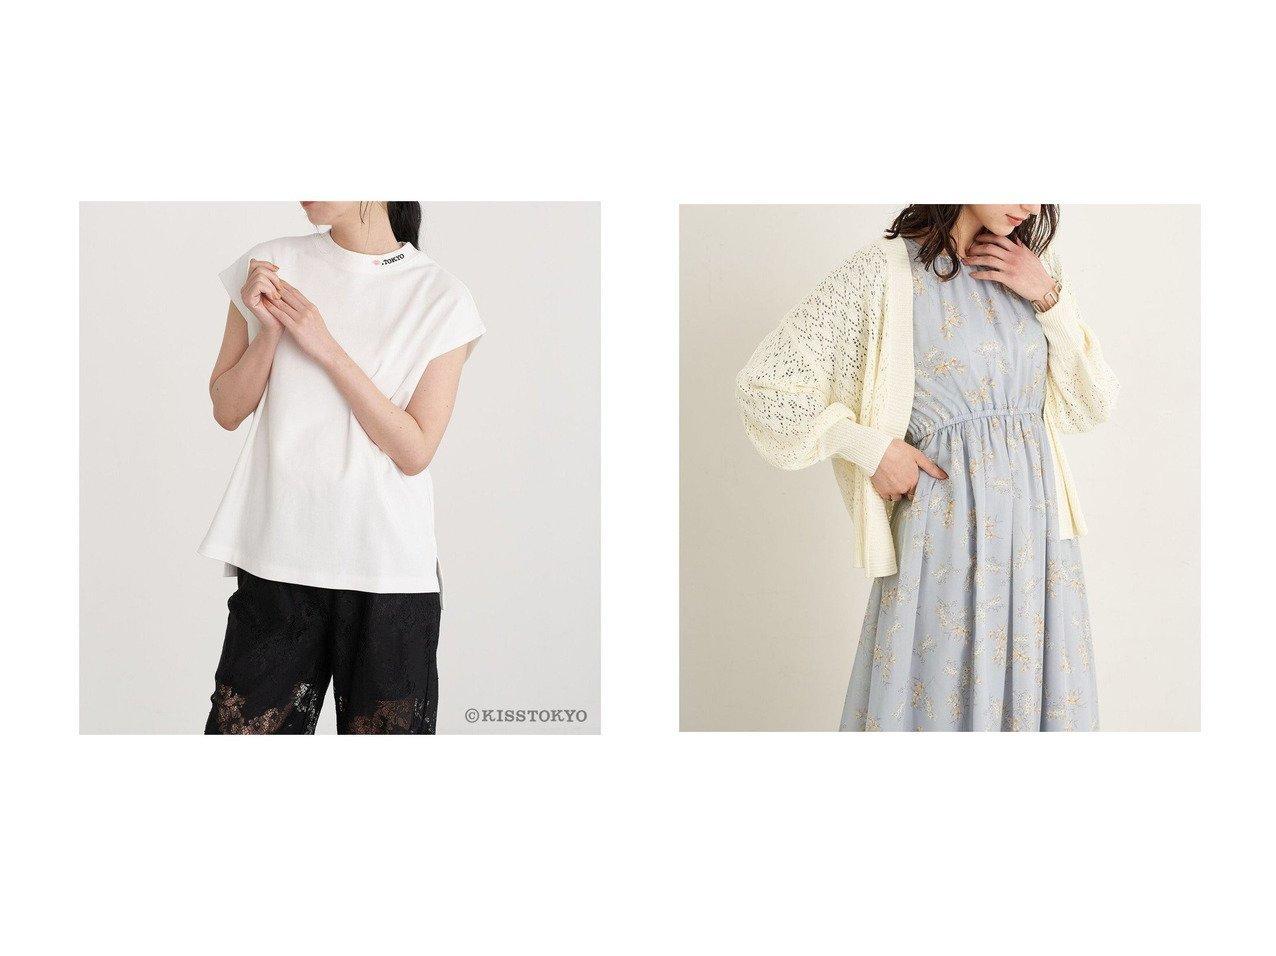 【earth music&ecology/アースミュージックアンドエコロジー】のKISS TOKYO フレンチスリーブTシャツ&透かし編みニットカーディガン 【プチプライス】おすすめ!人気トレンド・ファッション通販 おすすめで人気の流行・トレンド、ファッションの通販商品 メンズファッション・キッズファッション・インテリア・家具・レディースファッション・服の通販 founy(ファニー) https://founy.com/ ファッション Fashion レディースファッション WOMEN トップス・カットソー Tops/Tshirt シャツ/ブラウス Shirts/Blouses ロング / Tシャツ T-Shirts カットソー Cut and Sewn ニット Knit Tops カーディガン Cardigans カットソー グラフィック コラボ シンプル スポーティ スリーブ トレンド フレンチ モチーフ ワンポイント 送料無料 Free Shipping カーディガン シアー 今季 透かし |ID:crp329100000038753